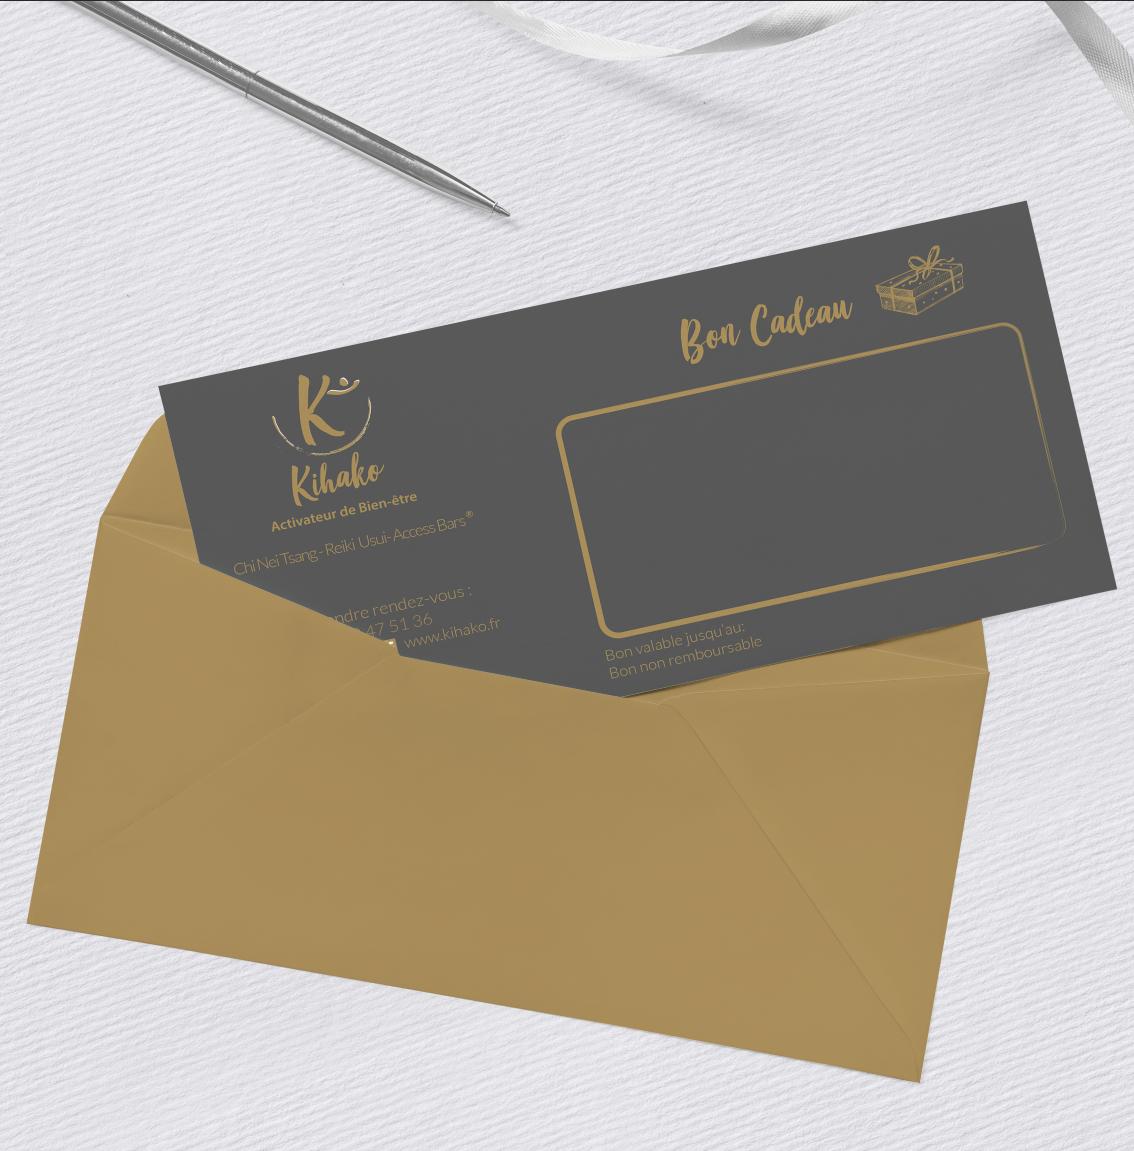 Creation Bon Cadeau Agence SAORI : KIHAKO